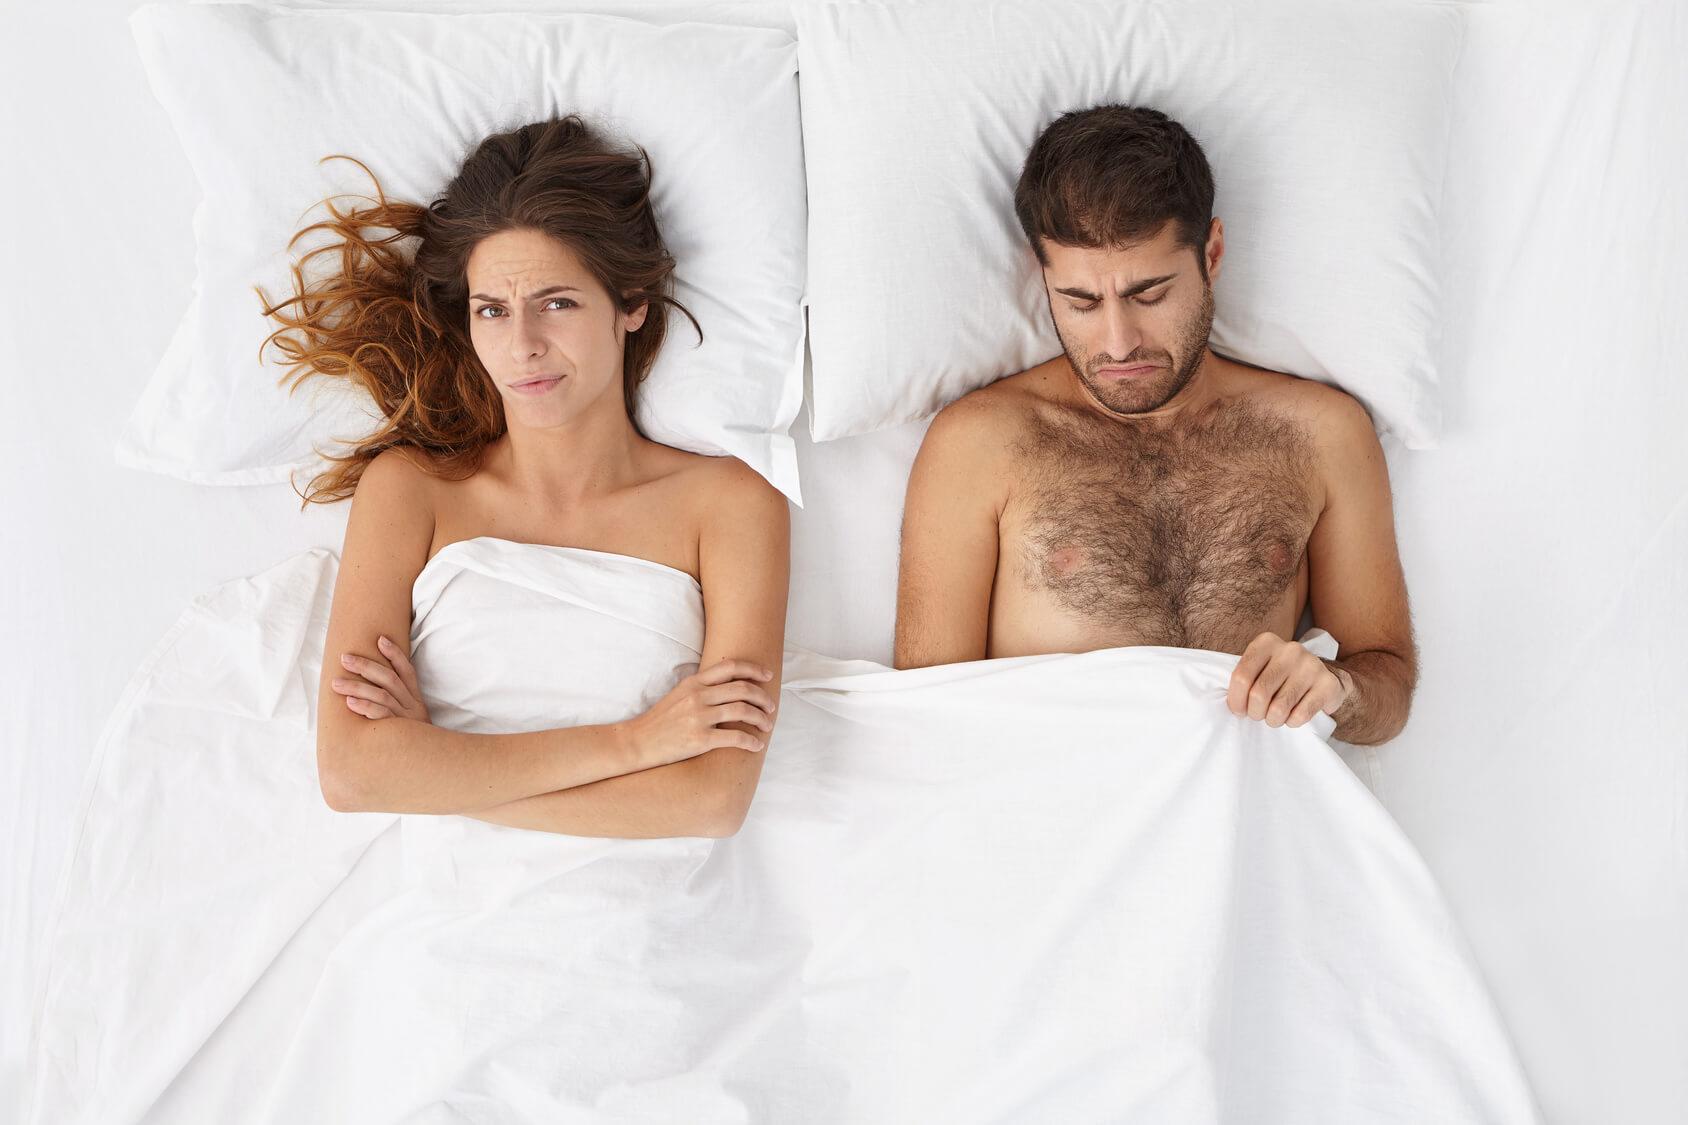 Udany seks bez względu na wiek